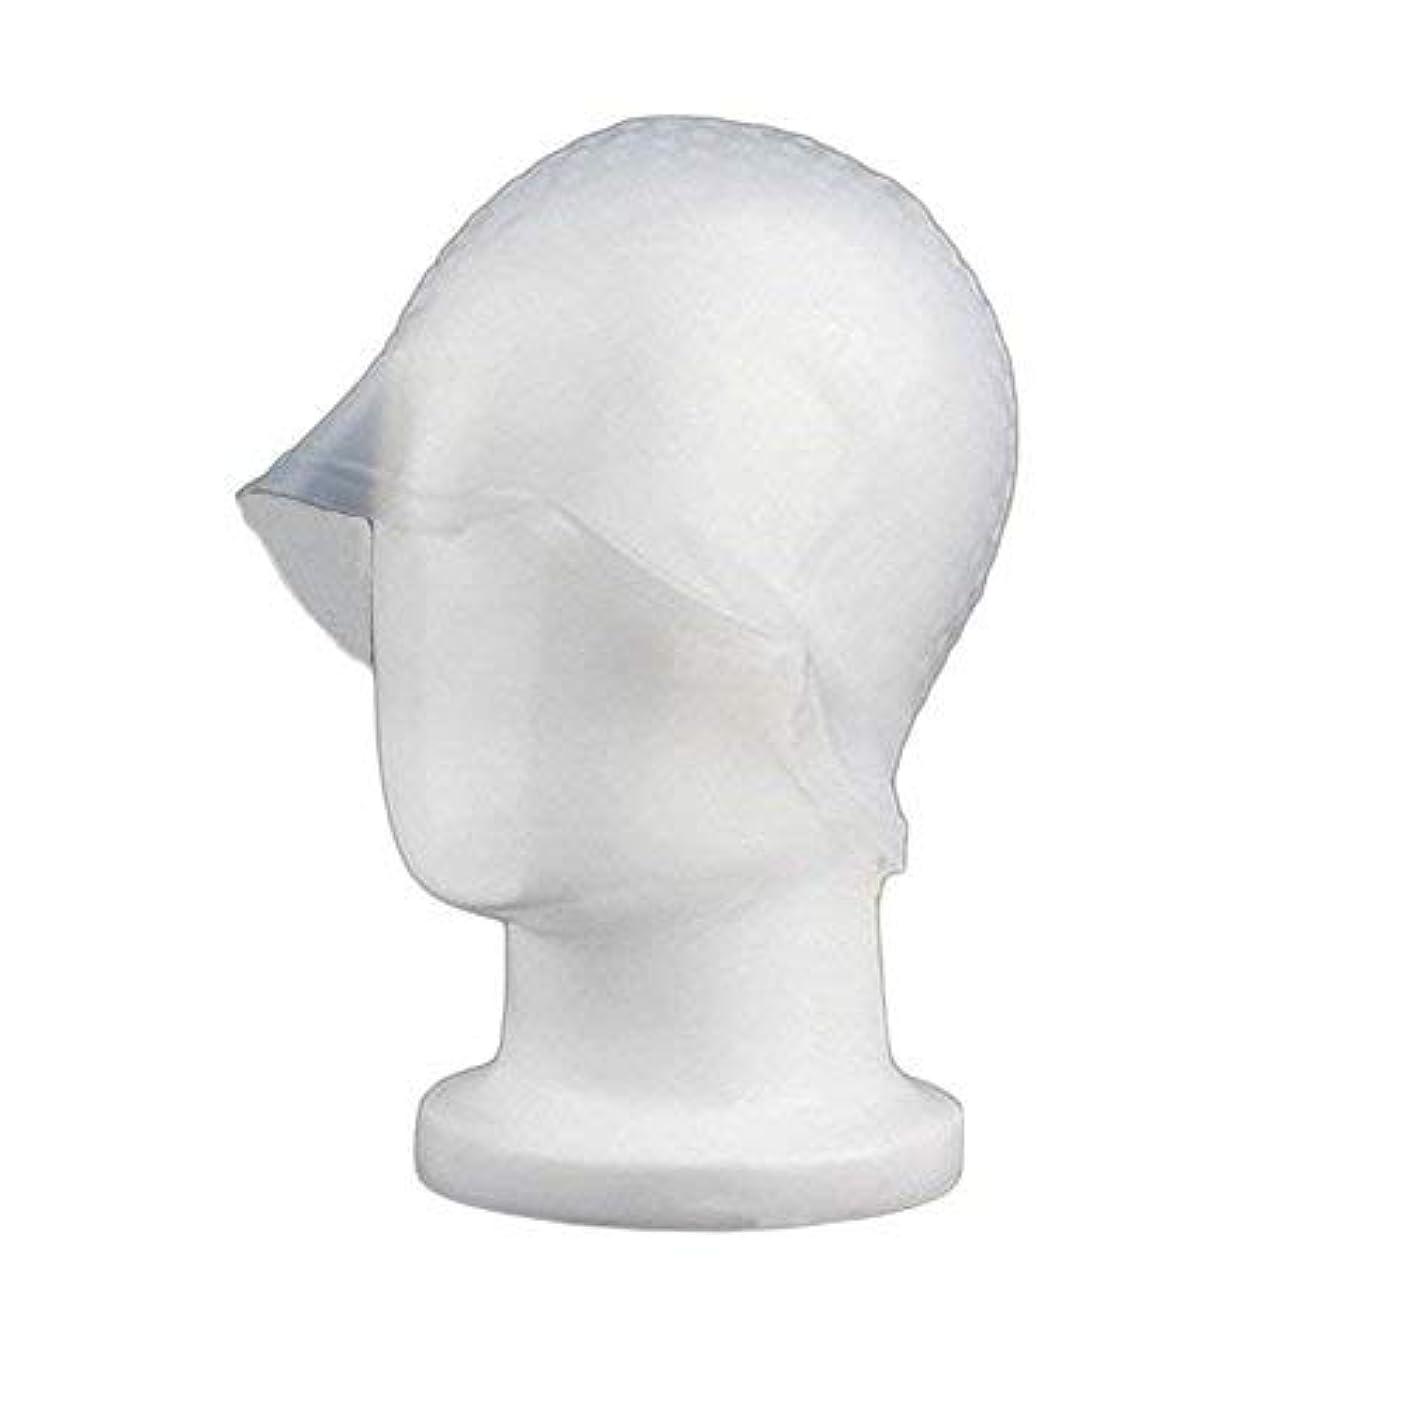 応用強化する長方形chaselpod 洗って使える ヘアカラー メッシュ 染め用 用 シリコン ヘア キャップキャップ